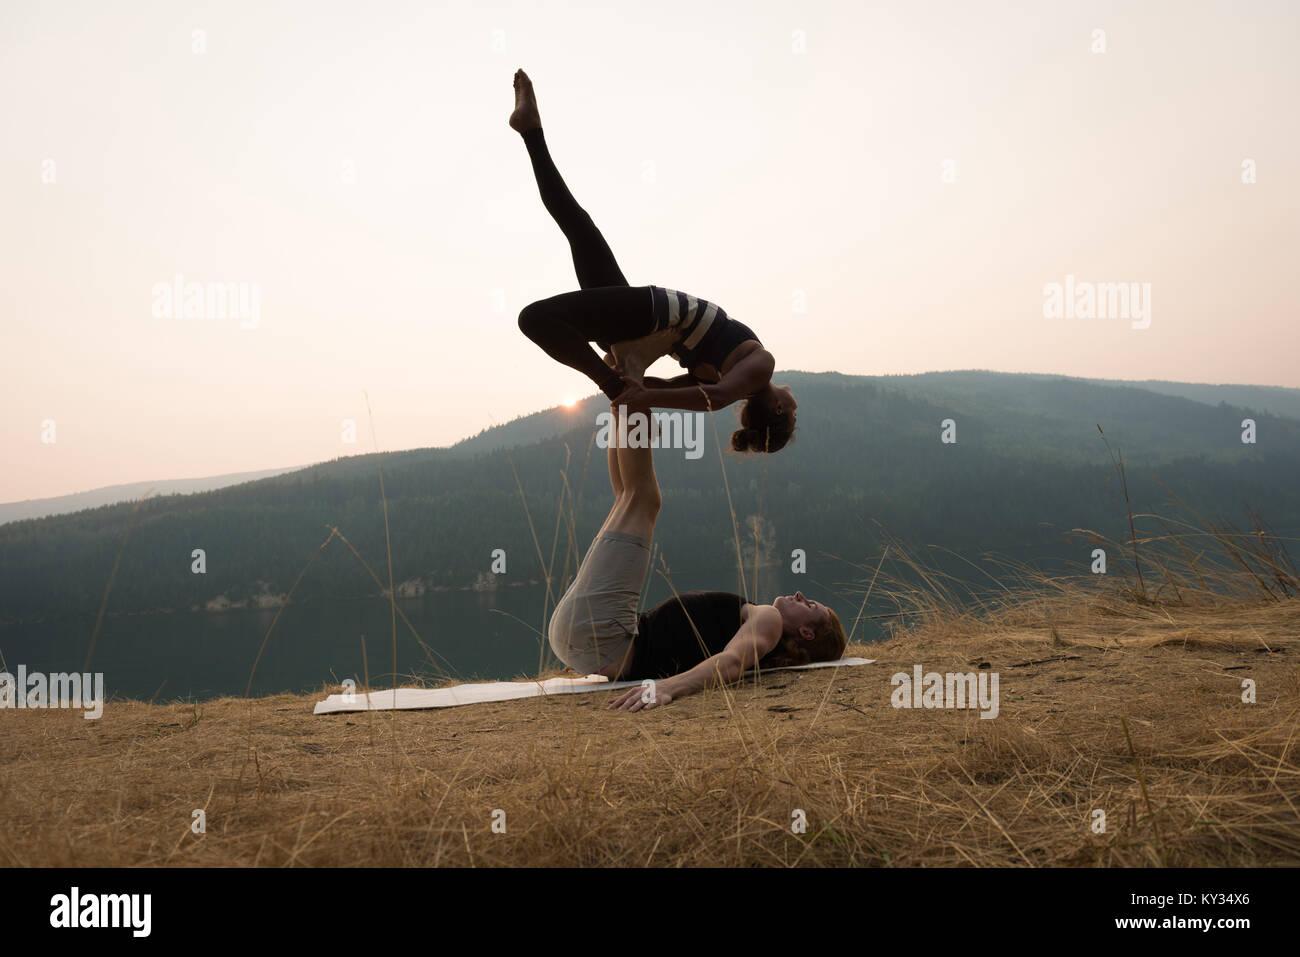 Coppia sportiva pratica di acro yoga in un lussureggiante terreno Immagini Stock